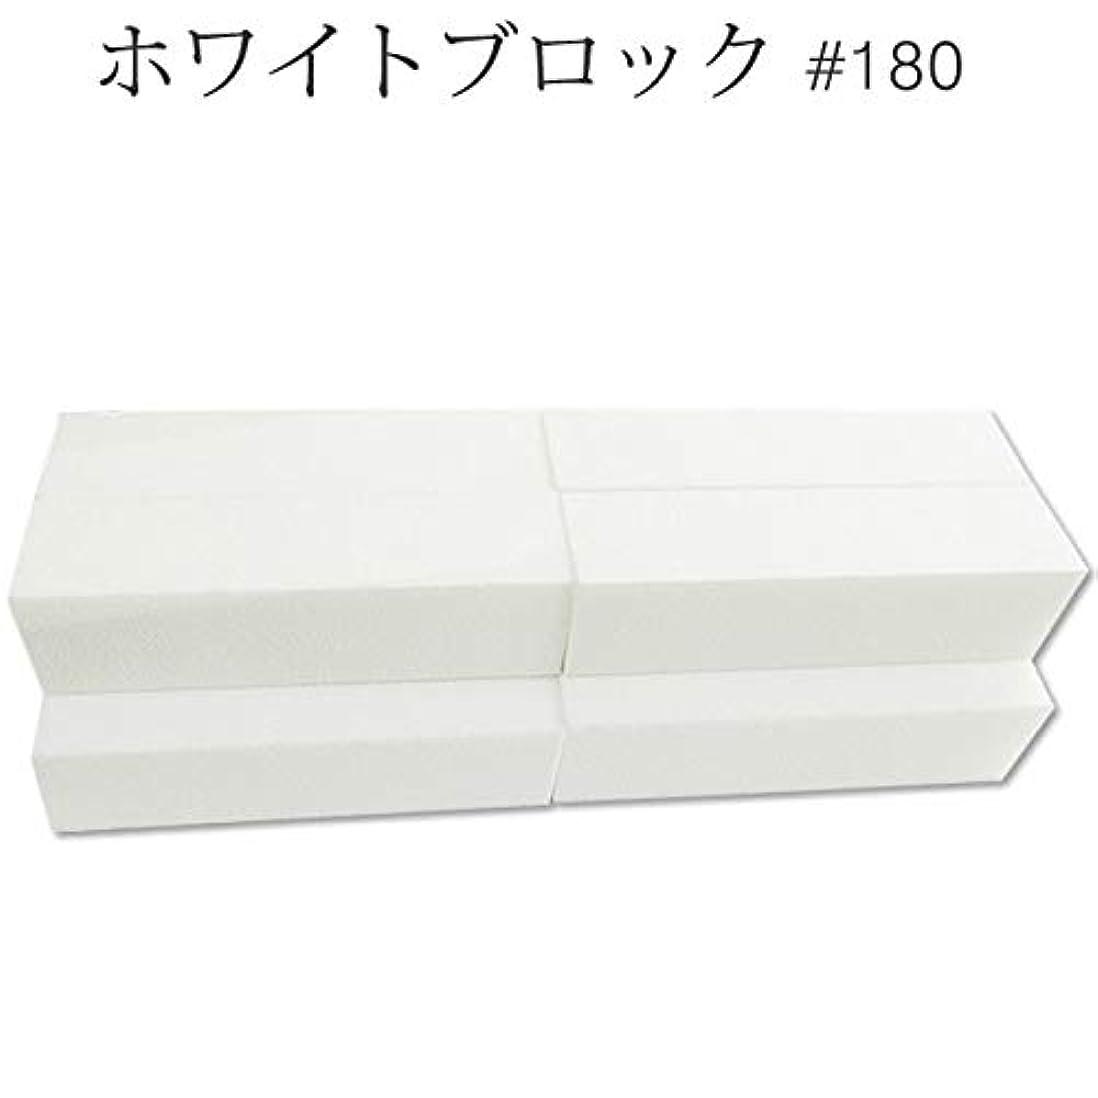 翻訳する慣れている鮫10個セット ホワイトブロック #180